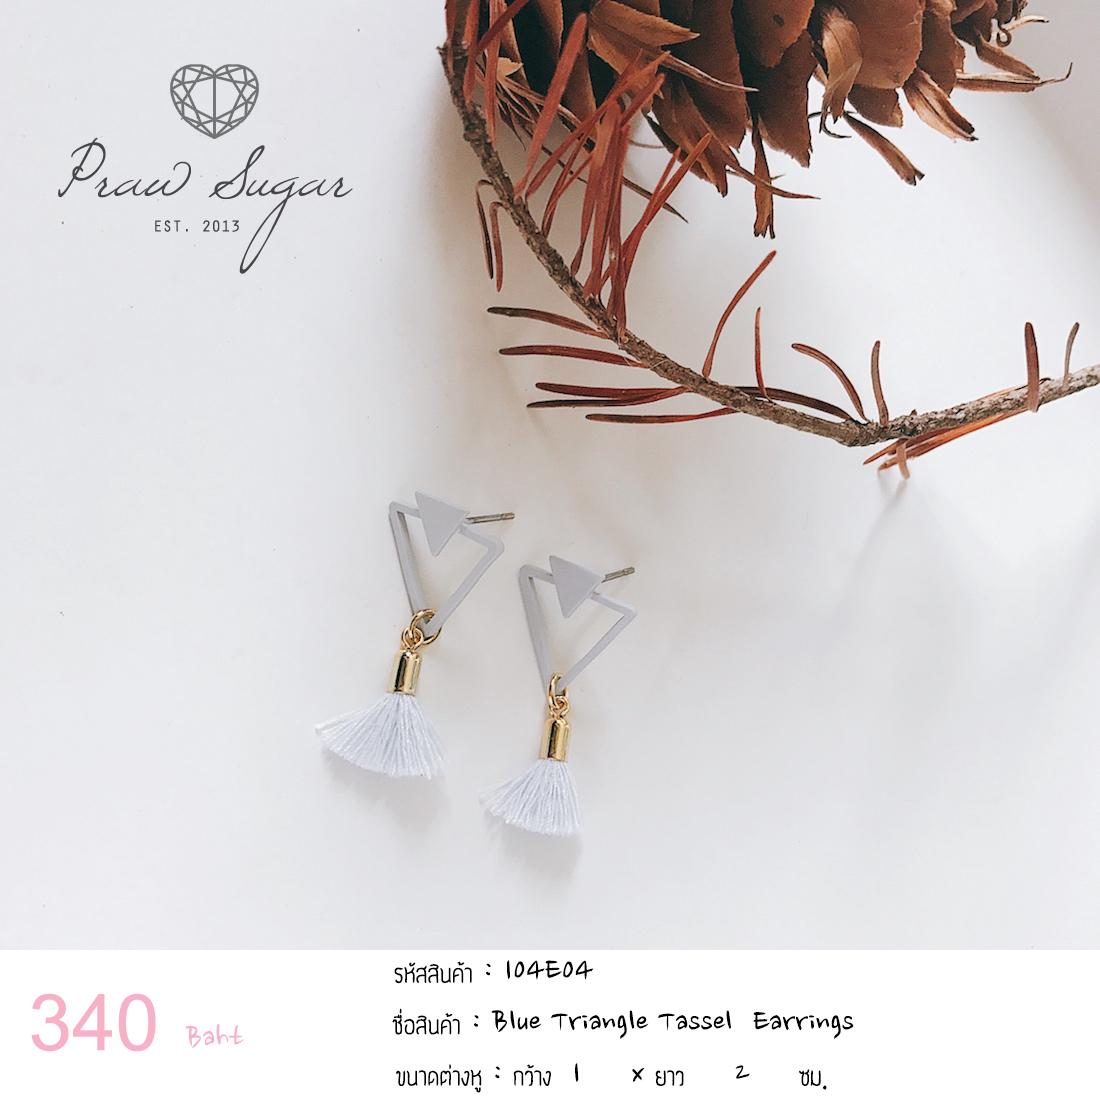 Blue Triangle Tassel Earrings